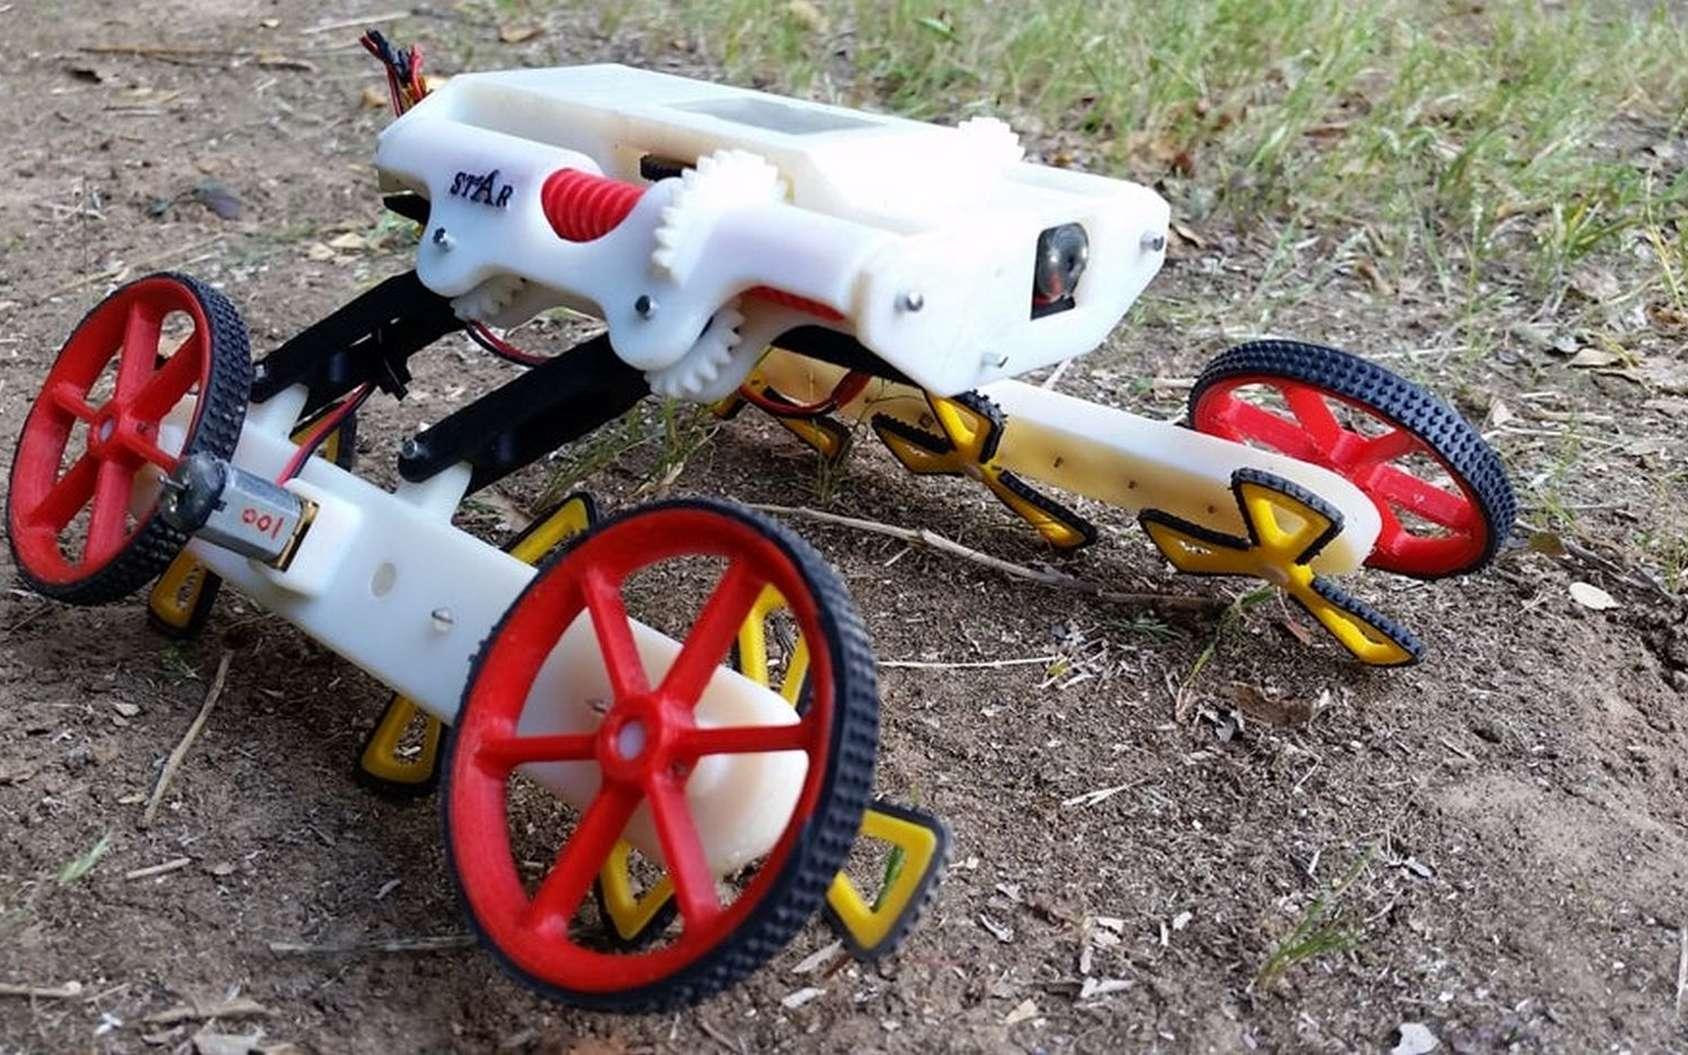 Le robot Rising Star et ses deux types de roues pour s'adapter à tous les terrains. © Zarrouk lab, Ben-Gurion University of the Negev